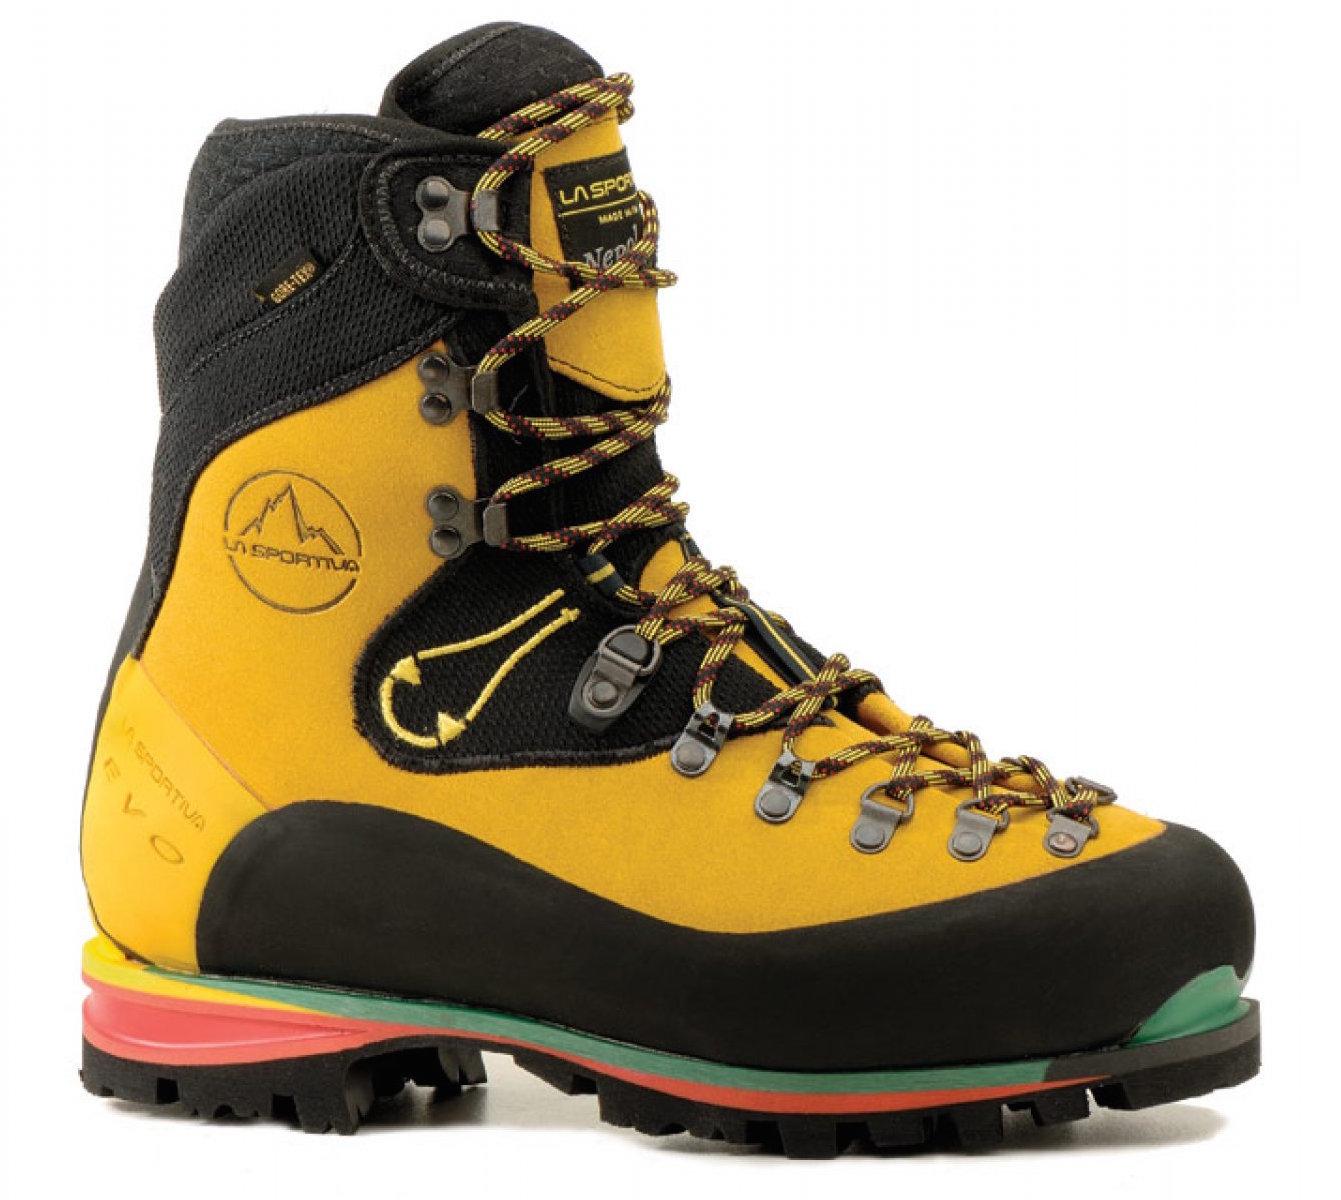 Le modèle Nepal Evo de La Sportiva, une chaussure-référence taillée pour l'alpinisme technique.